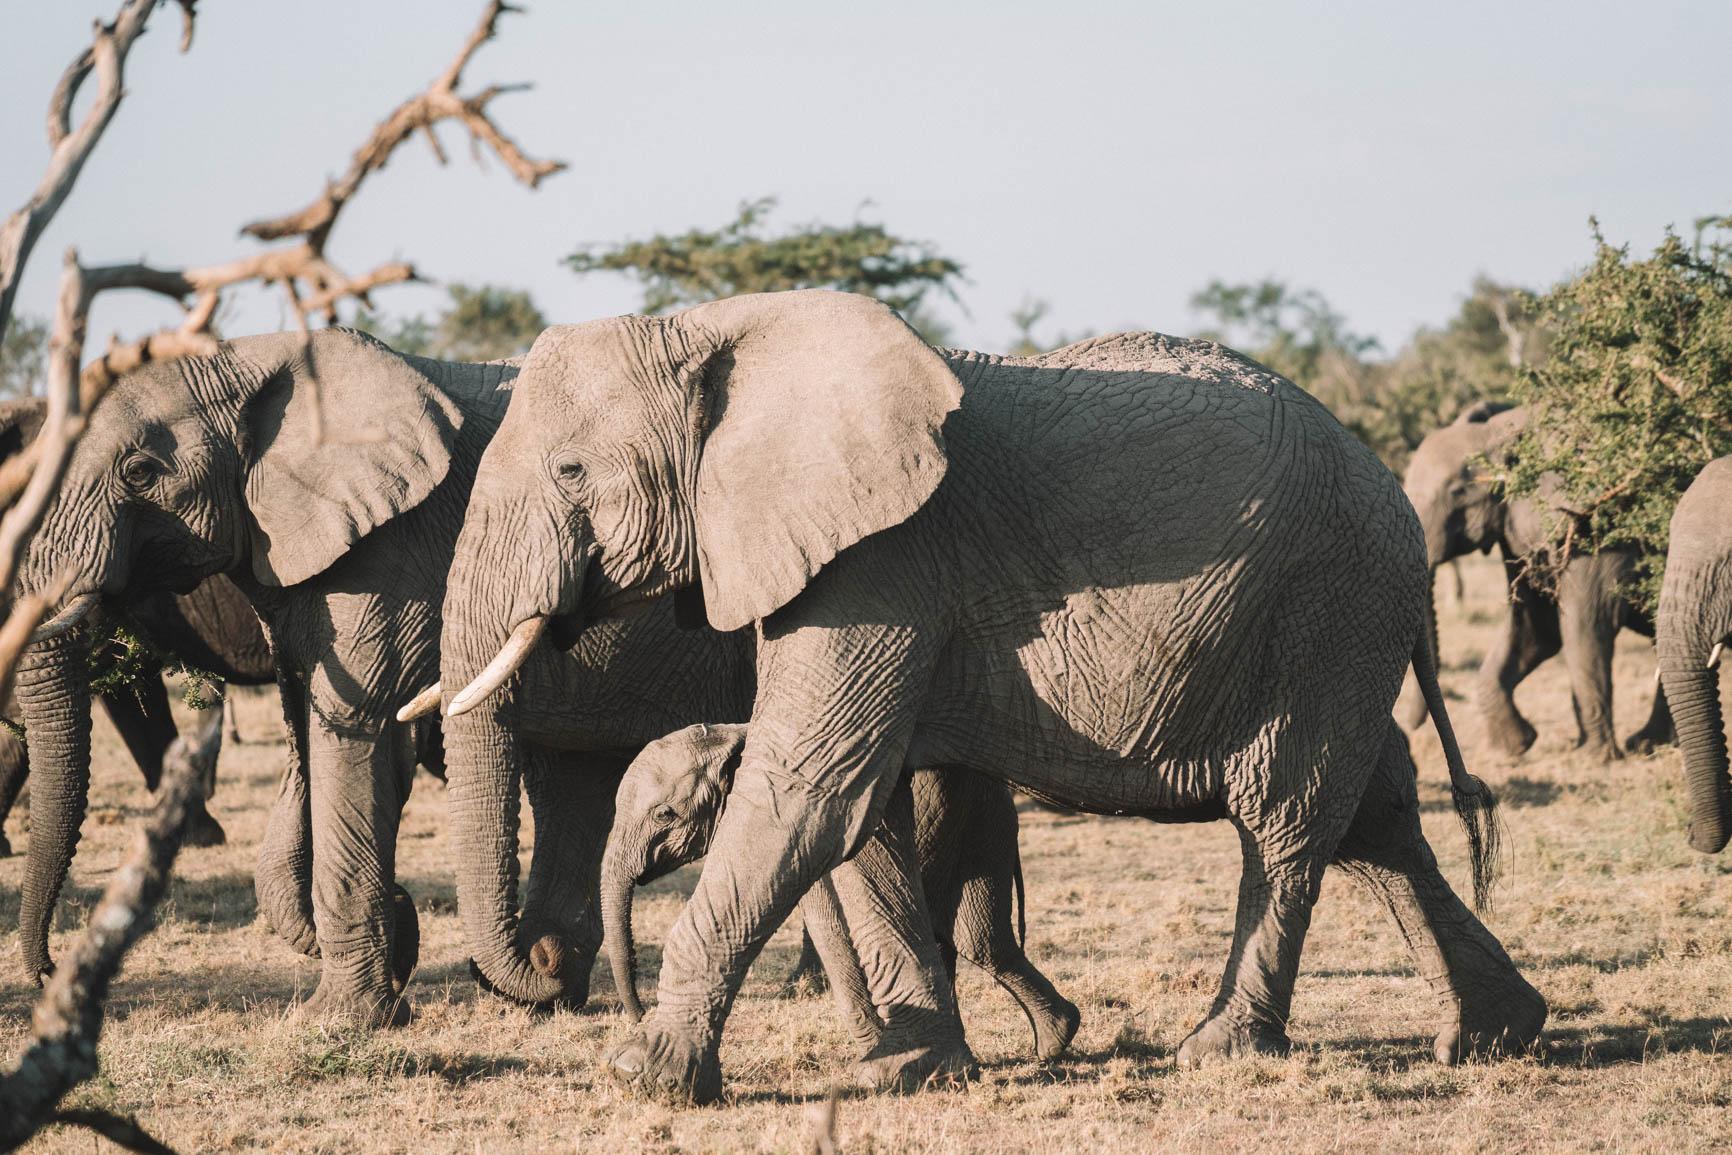 Elephant Kenya wildlife safari Maasai Mara Big 5 Luxury lodge